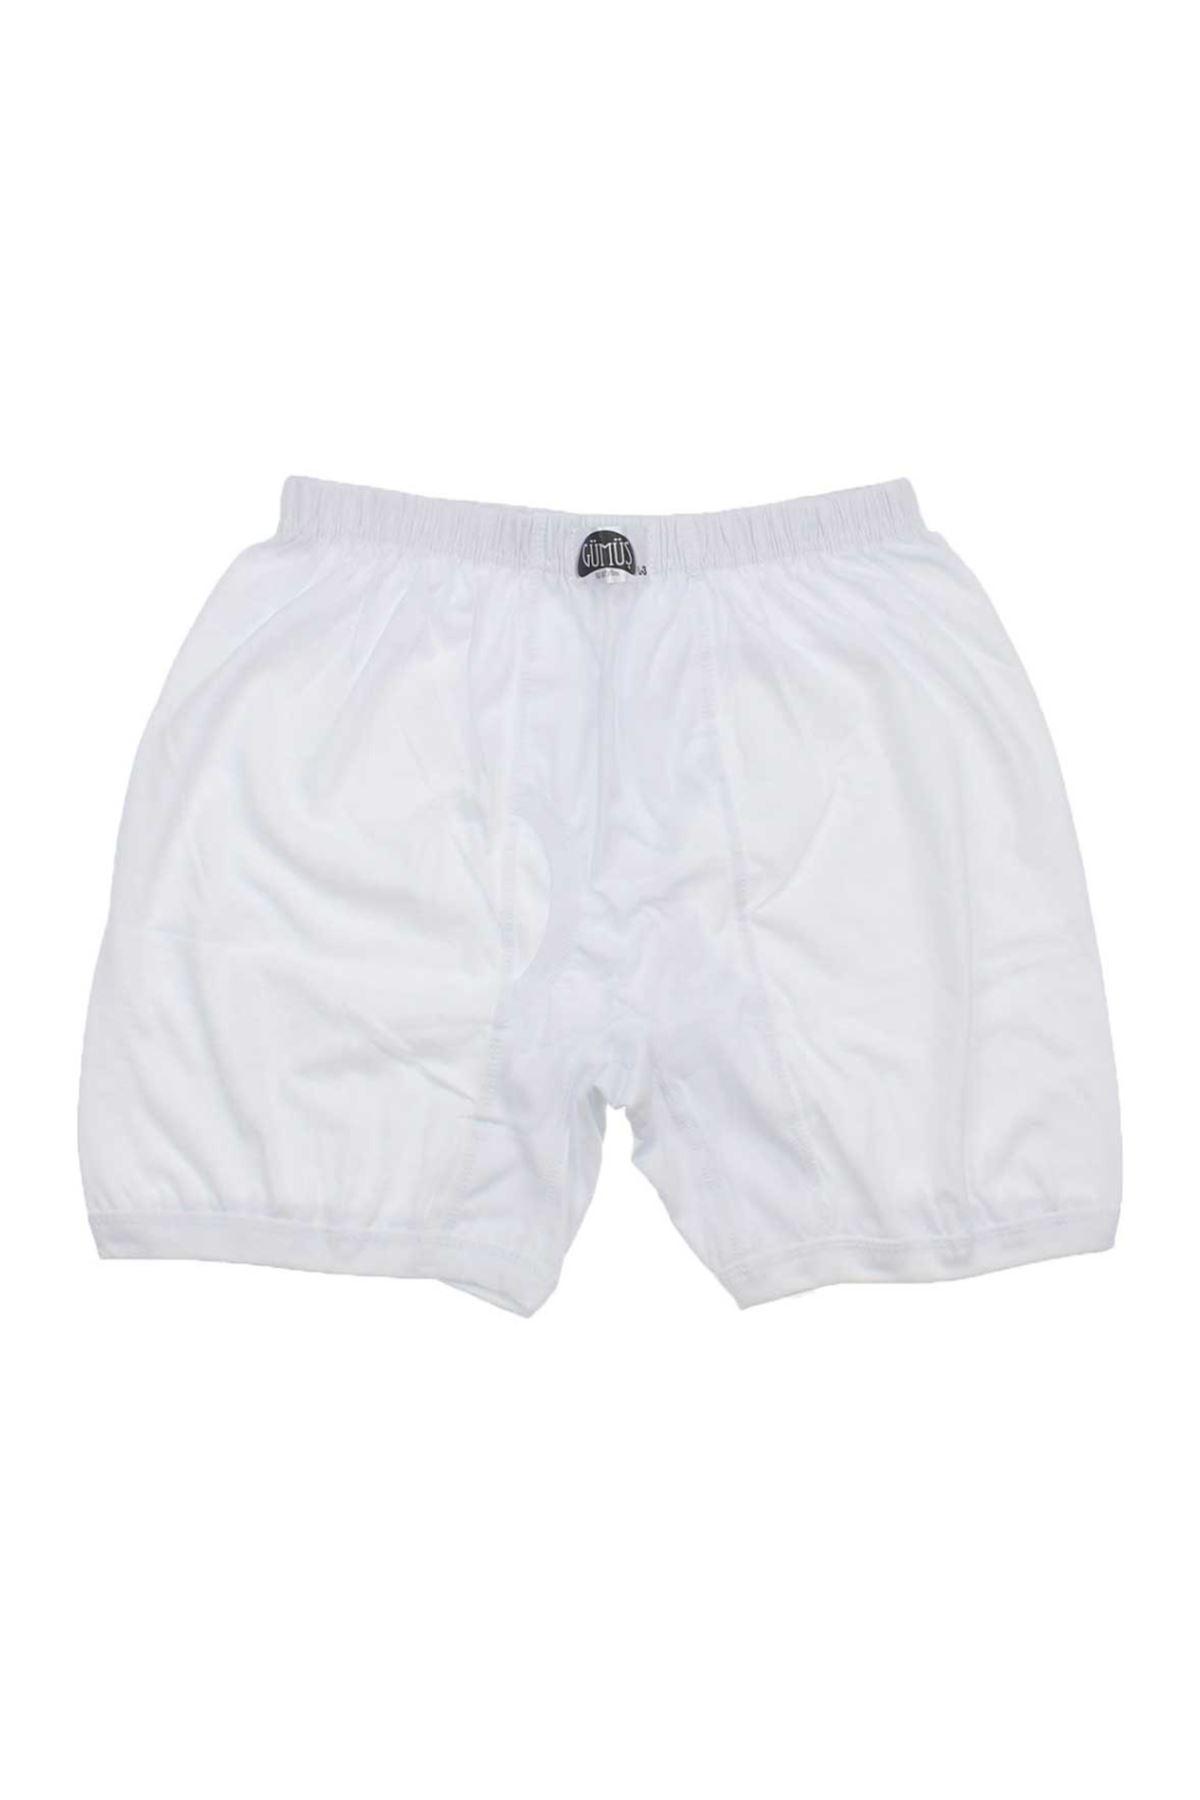 Gümüş İç Giyim Erkek Büyük Beden 6lı Beyaz Paçalı 040-3007-027